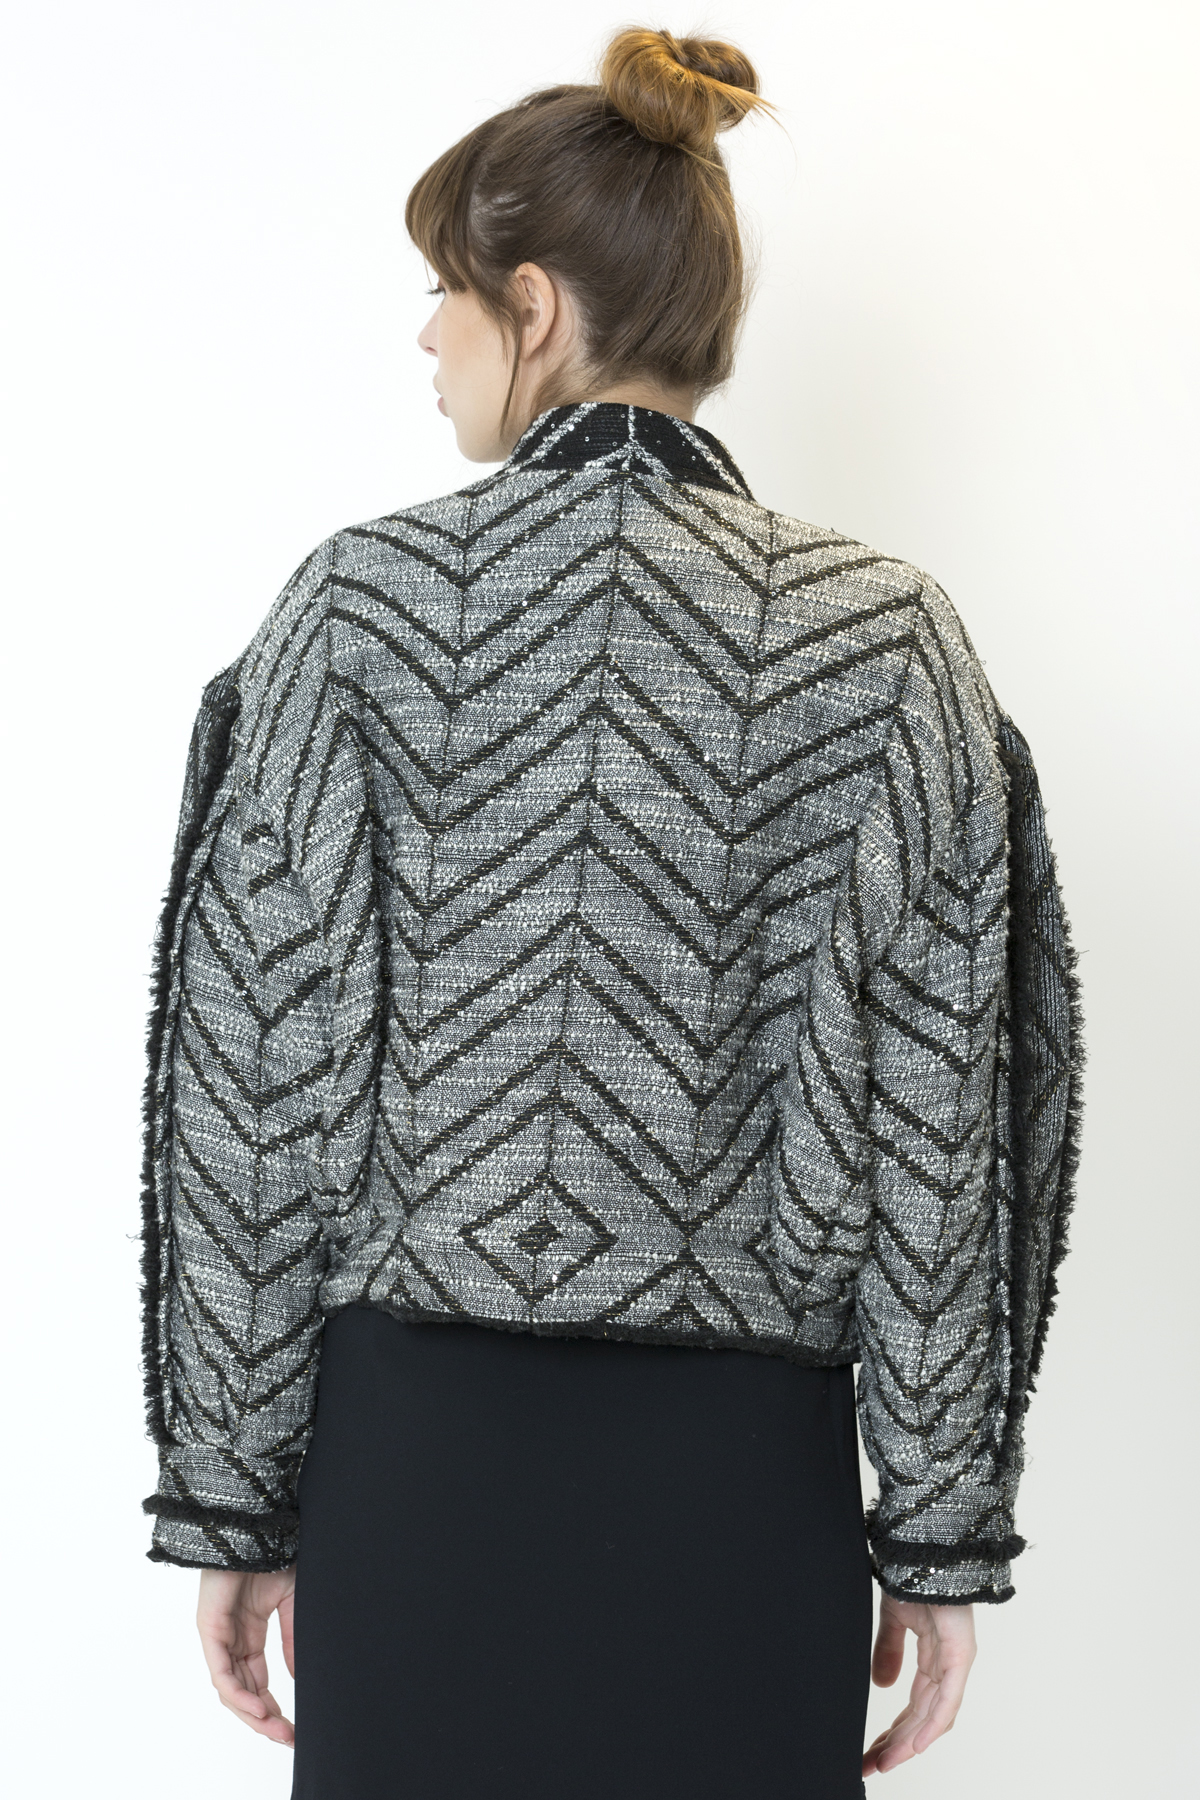 blinder-jacket-bomber-iro-geometric-fringed-black-white-matchboxathens